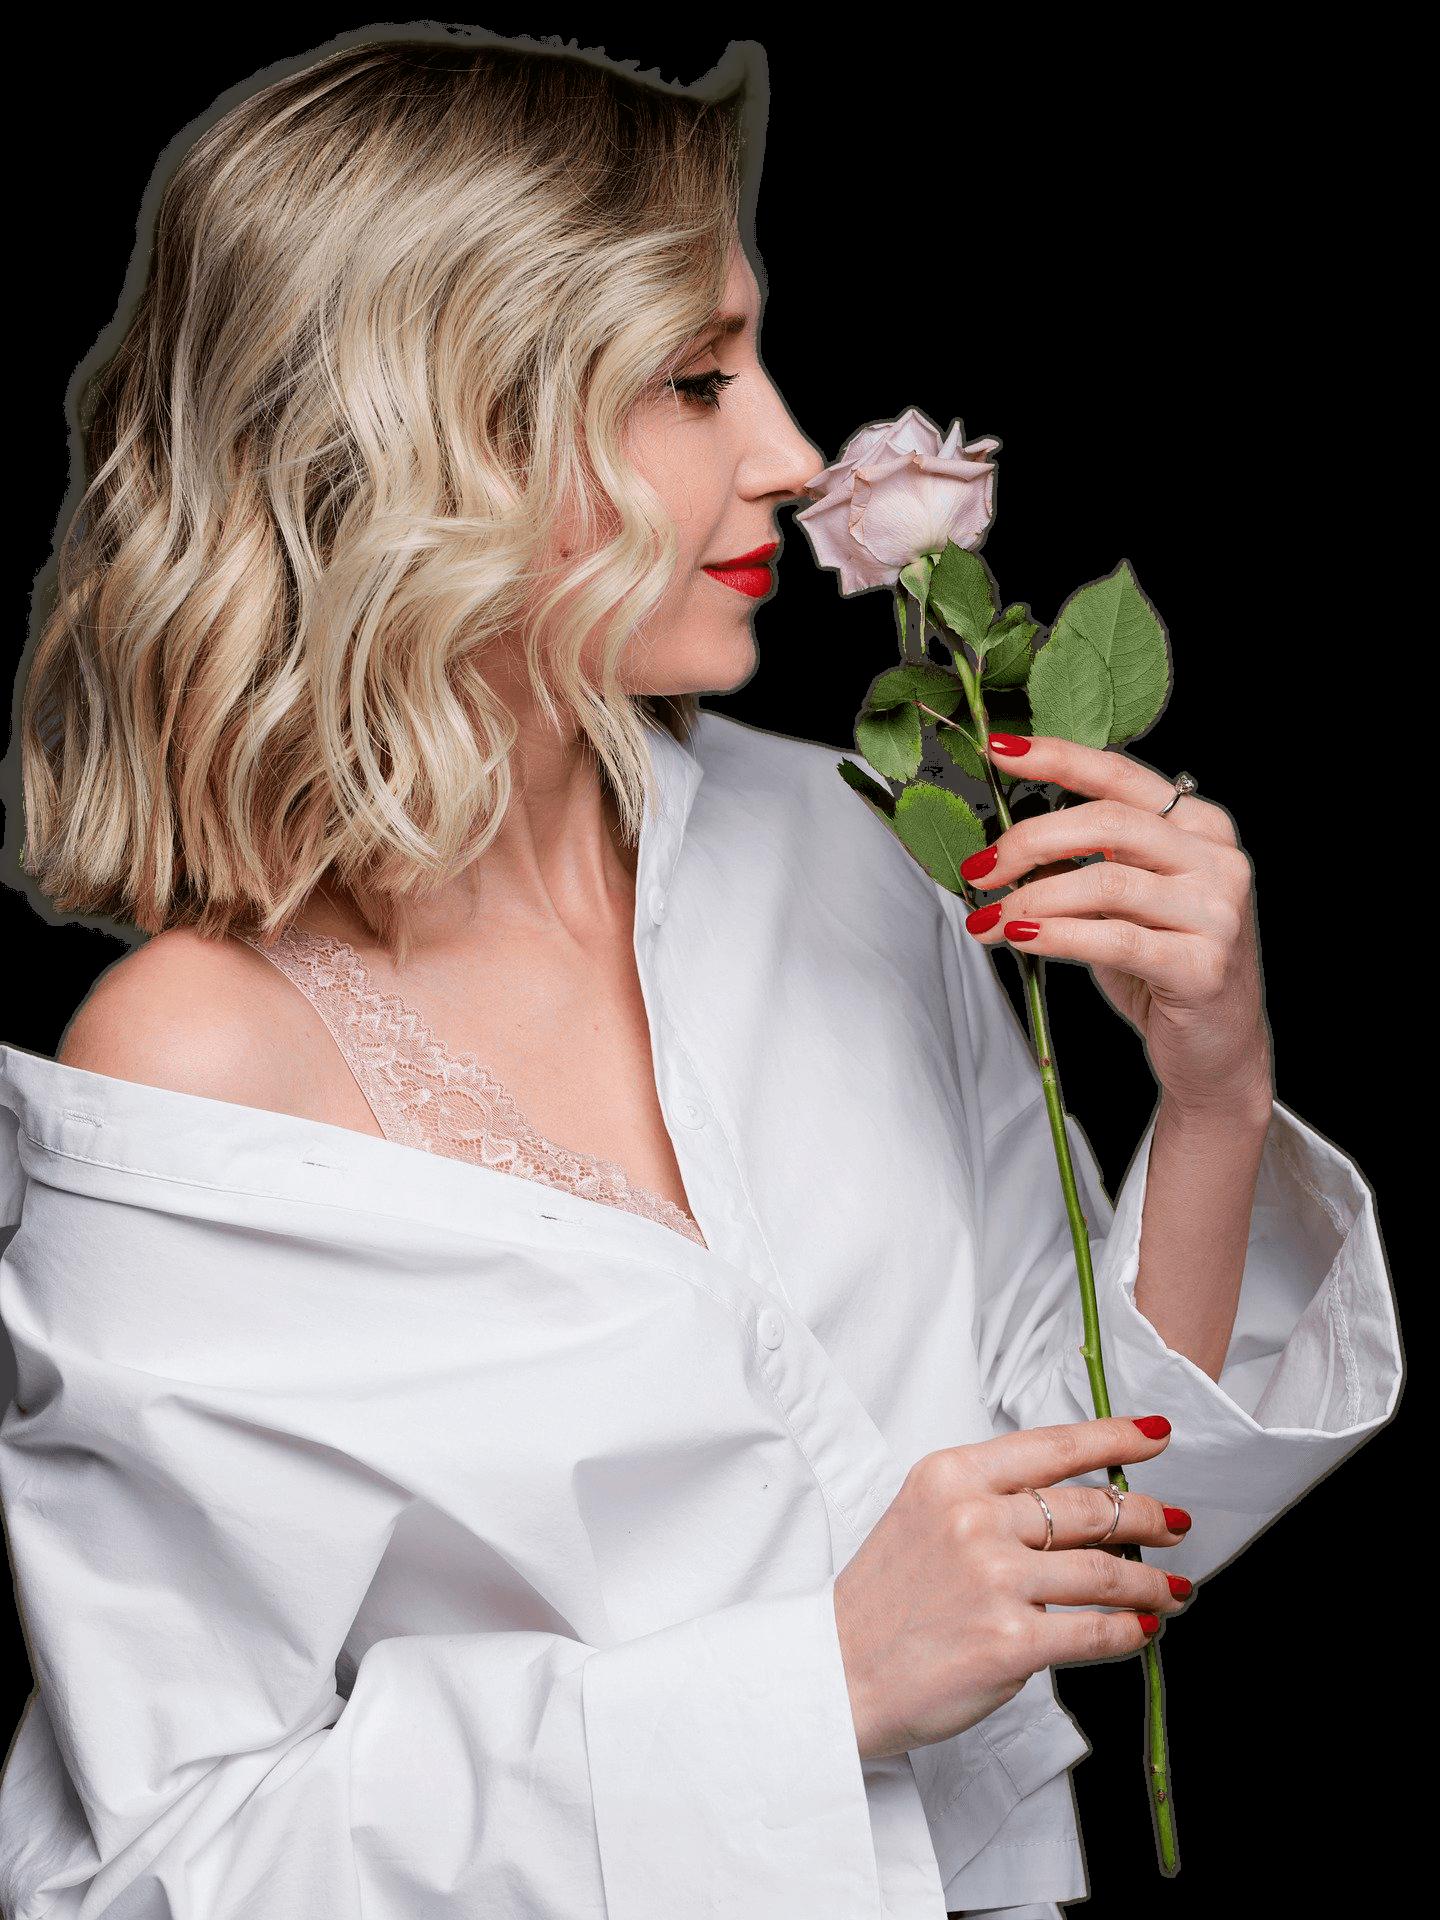 Mujer Belleza Rose Flor Olor La Moda Estilo